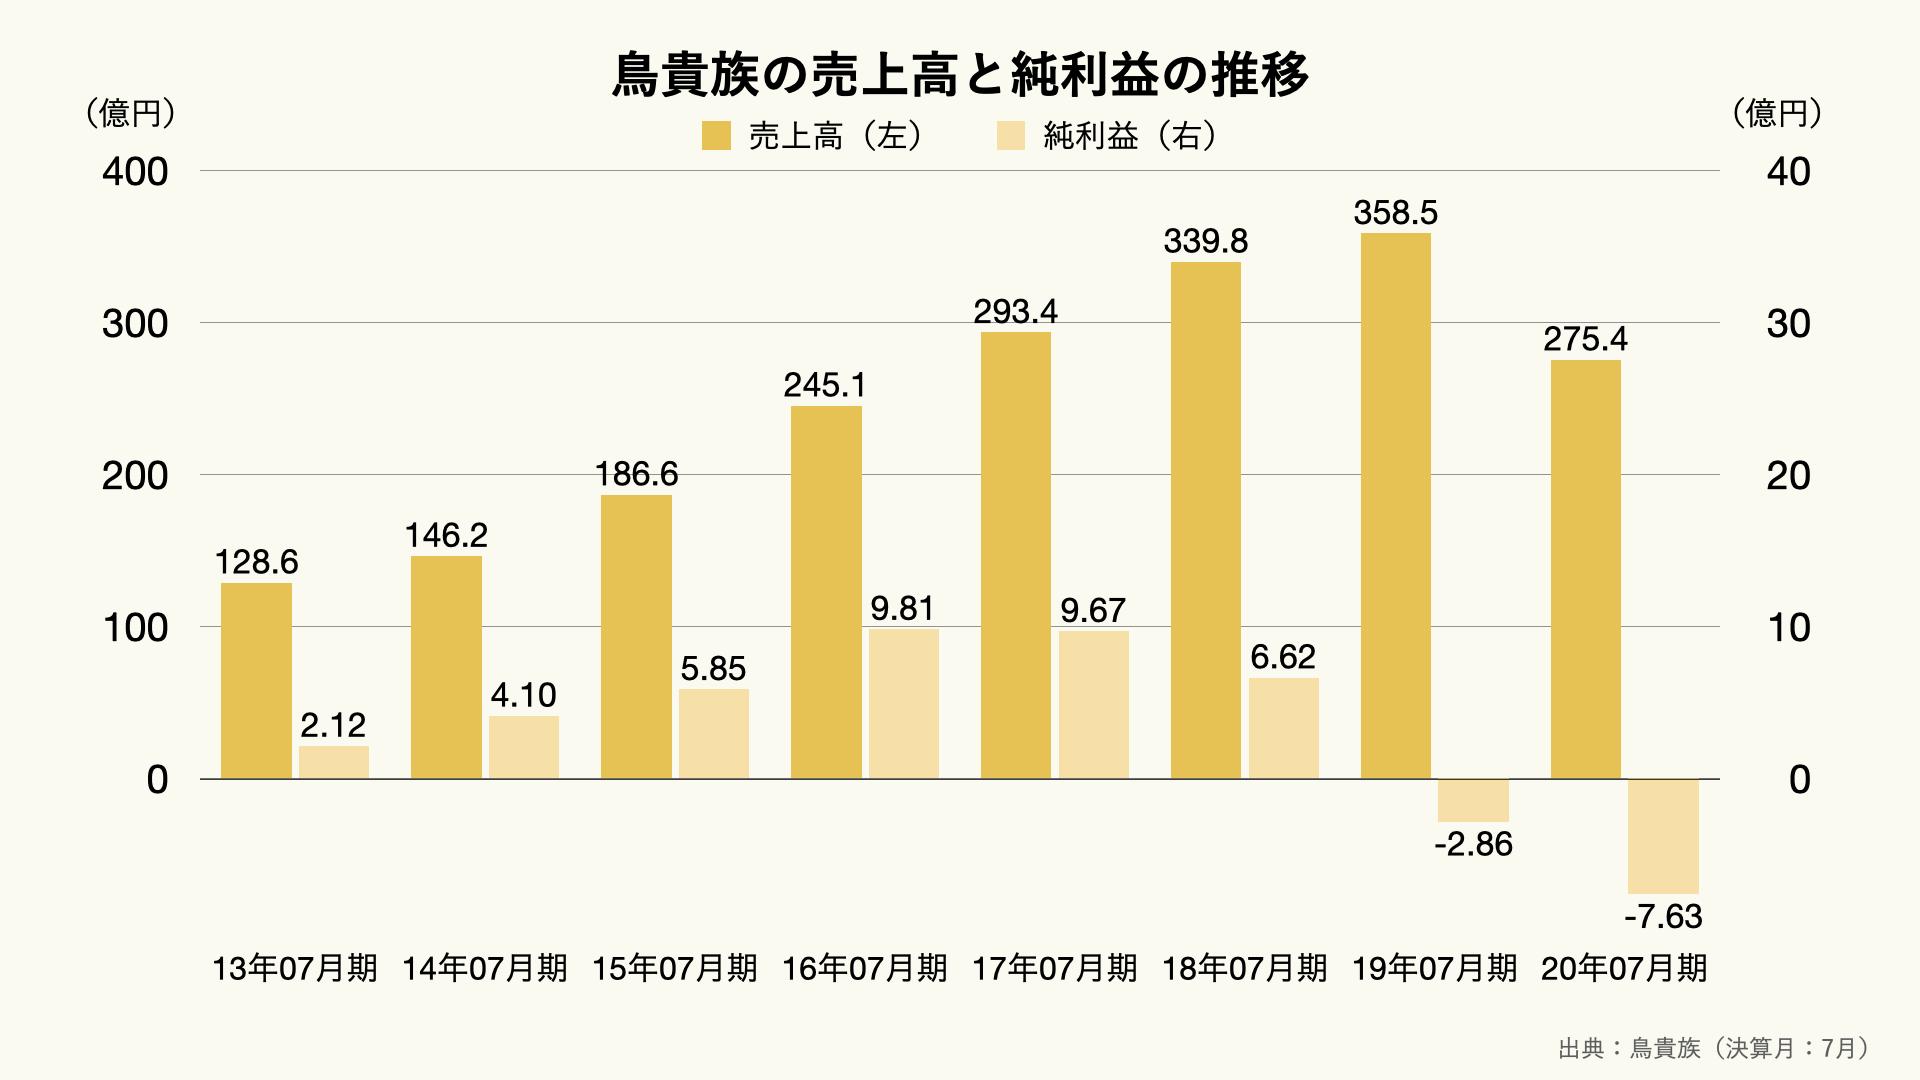 鳥貴族の売上高と純利益の推移のグラフ